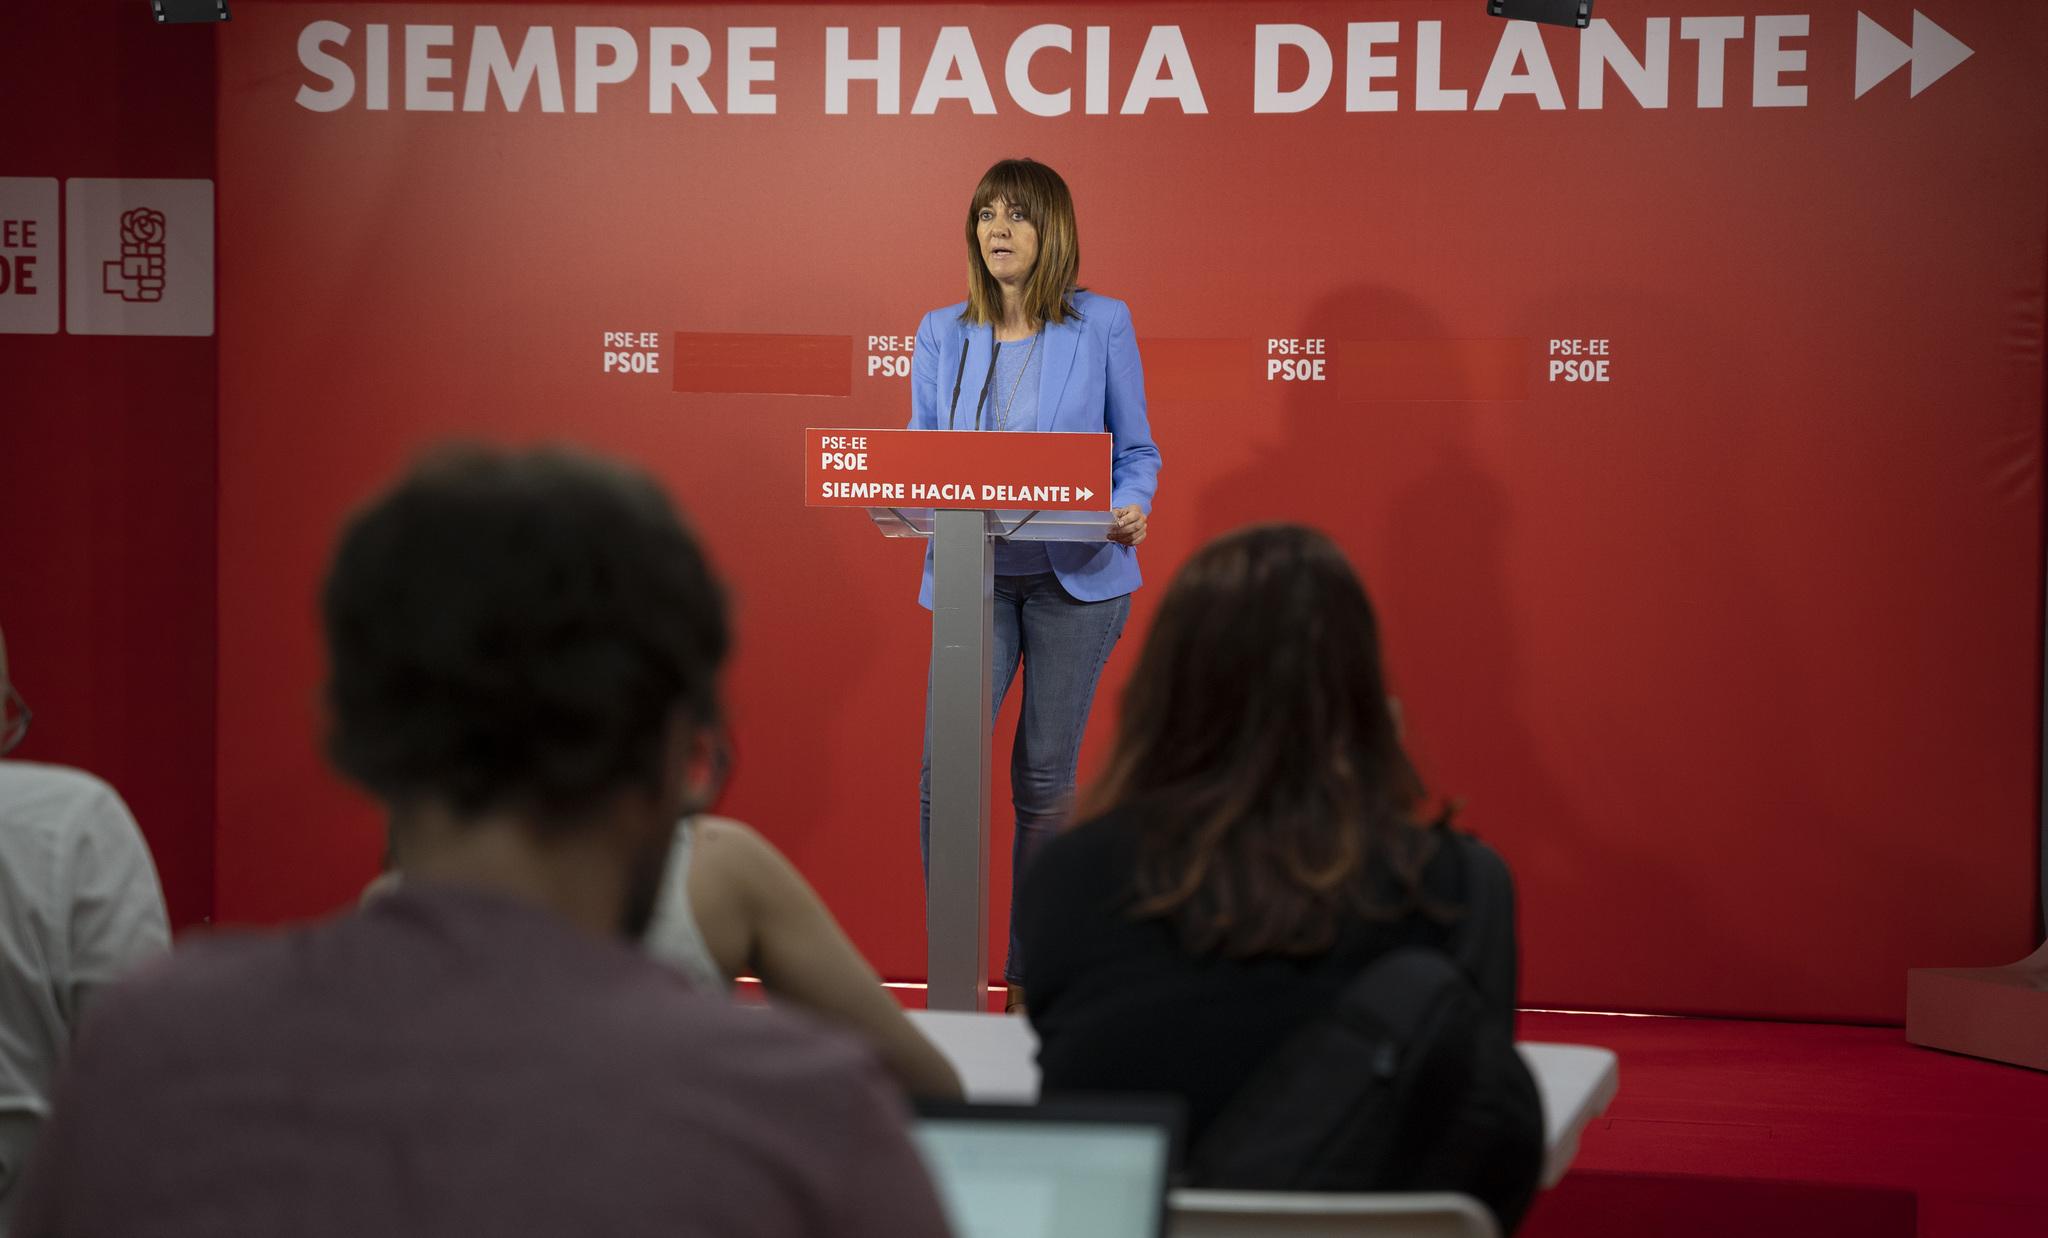 La secretaria general del PSE-EE Idoia Mendia en su comparecencia ante los medios.